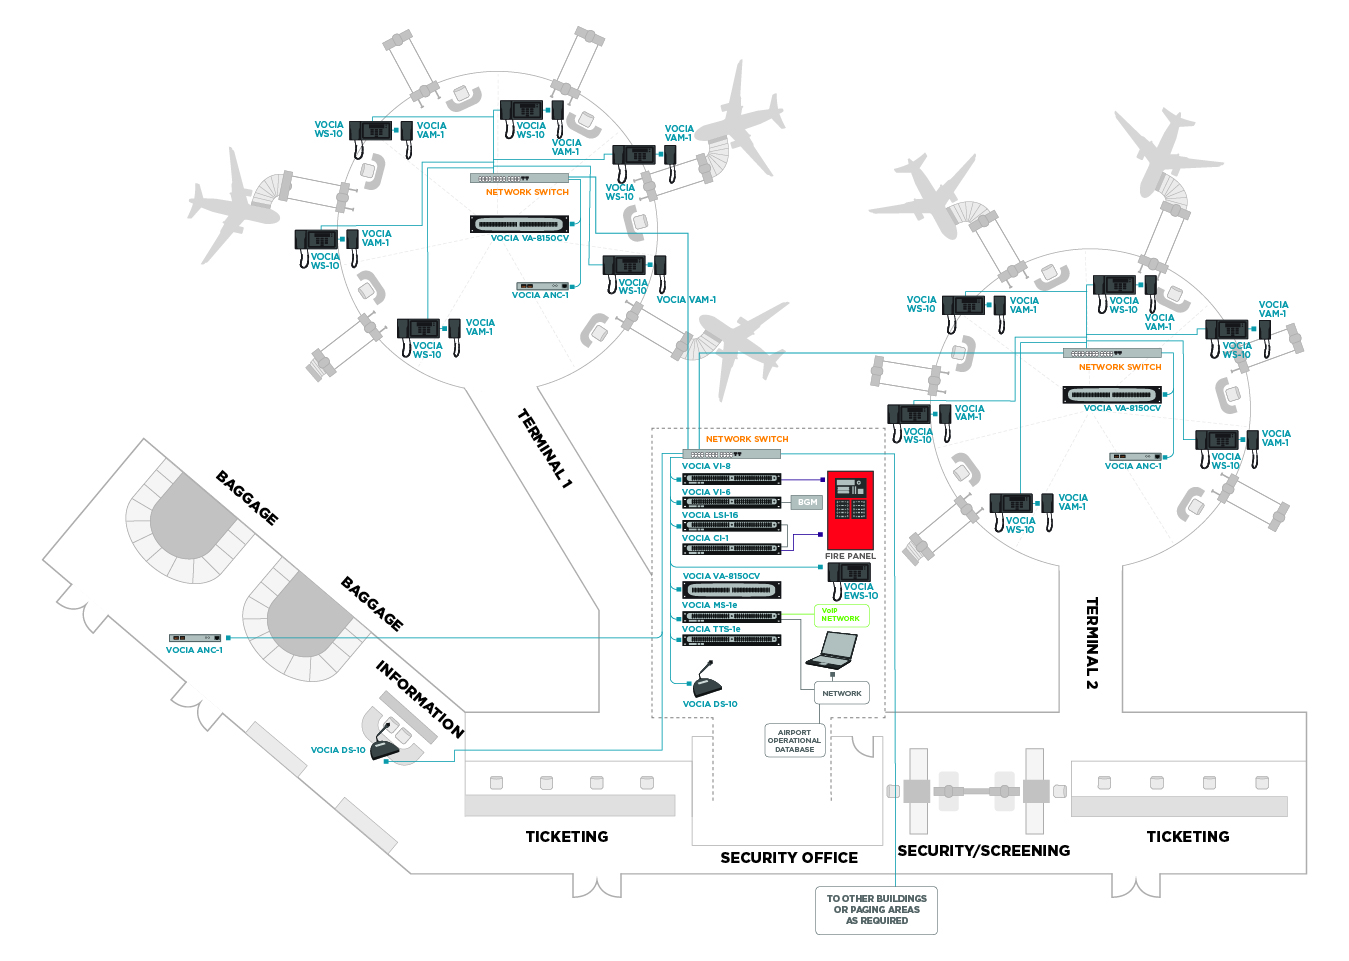 A Regional Airport With Vocia